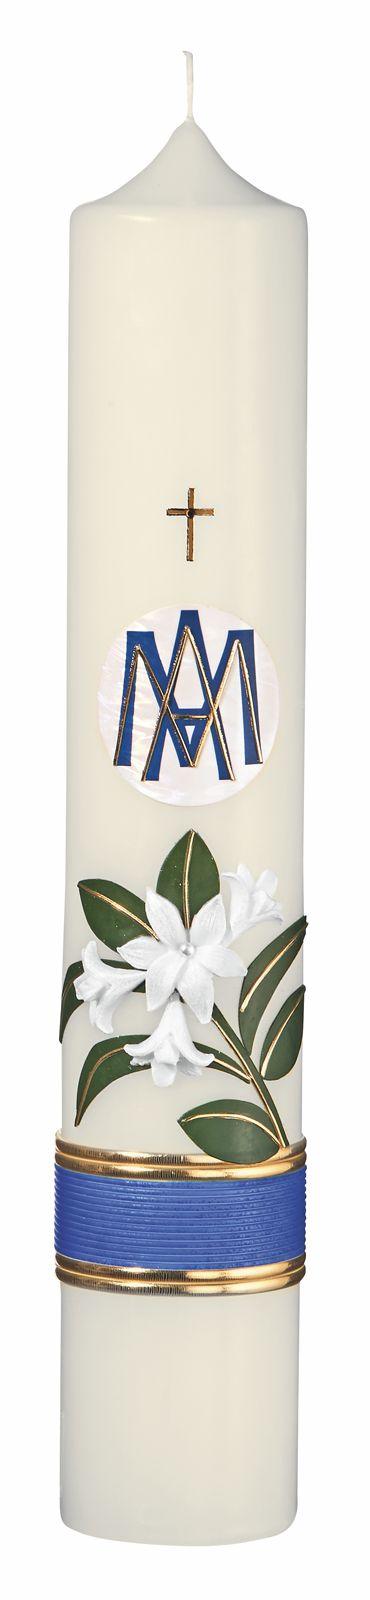 Marienkerze mit Lilien und MA Format 40/ 7 cm